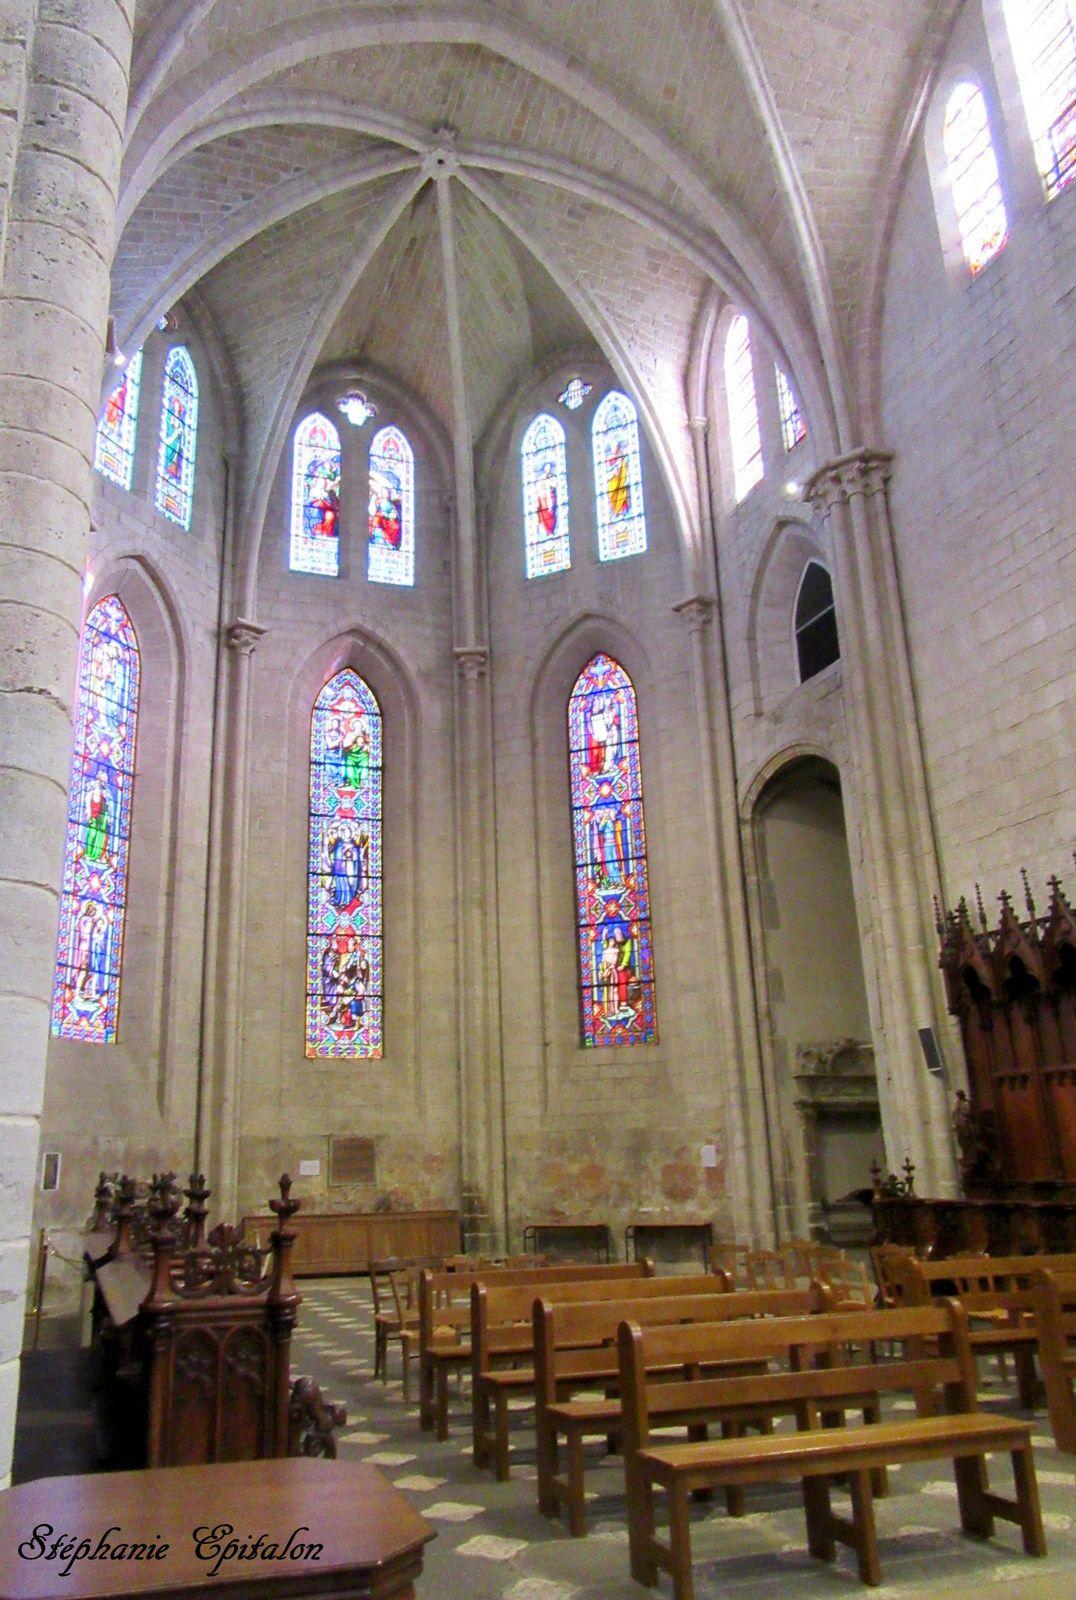 le Choeur..tous les vitraux d'antan ont été brisés sous la Révolution